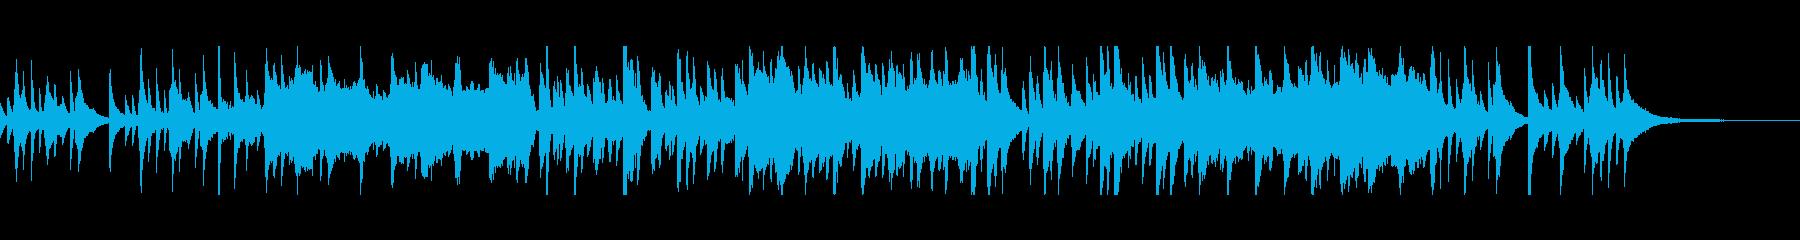 夜のラジオ番組のなどにぴったりな静かな曲の再生済みの波形